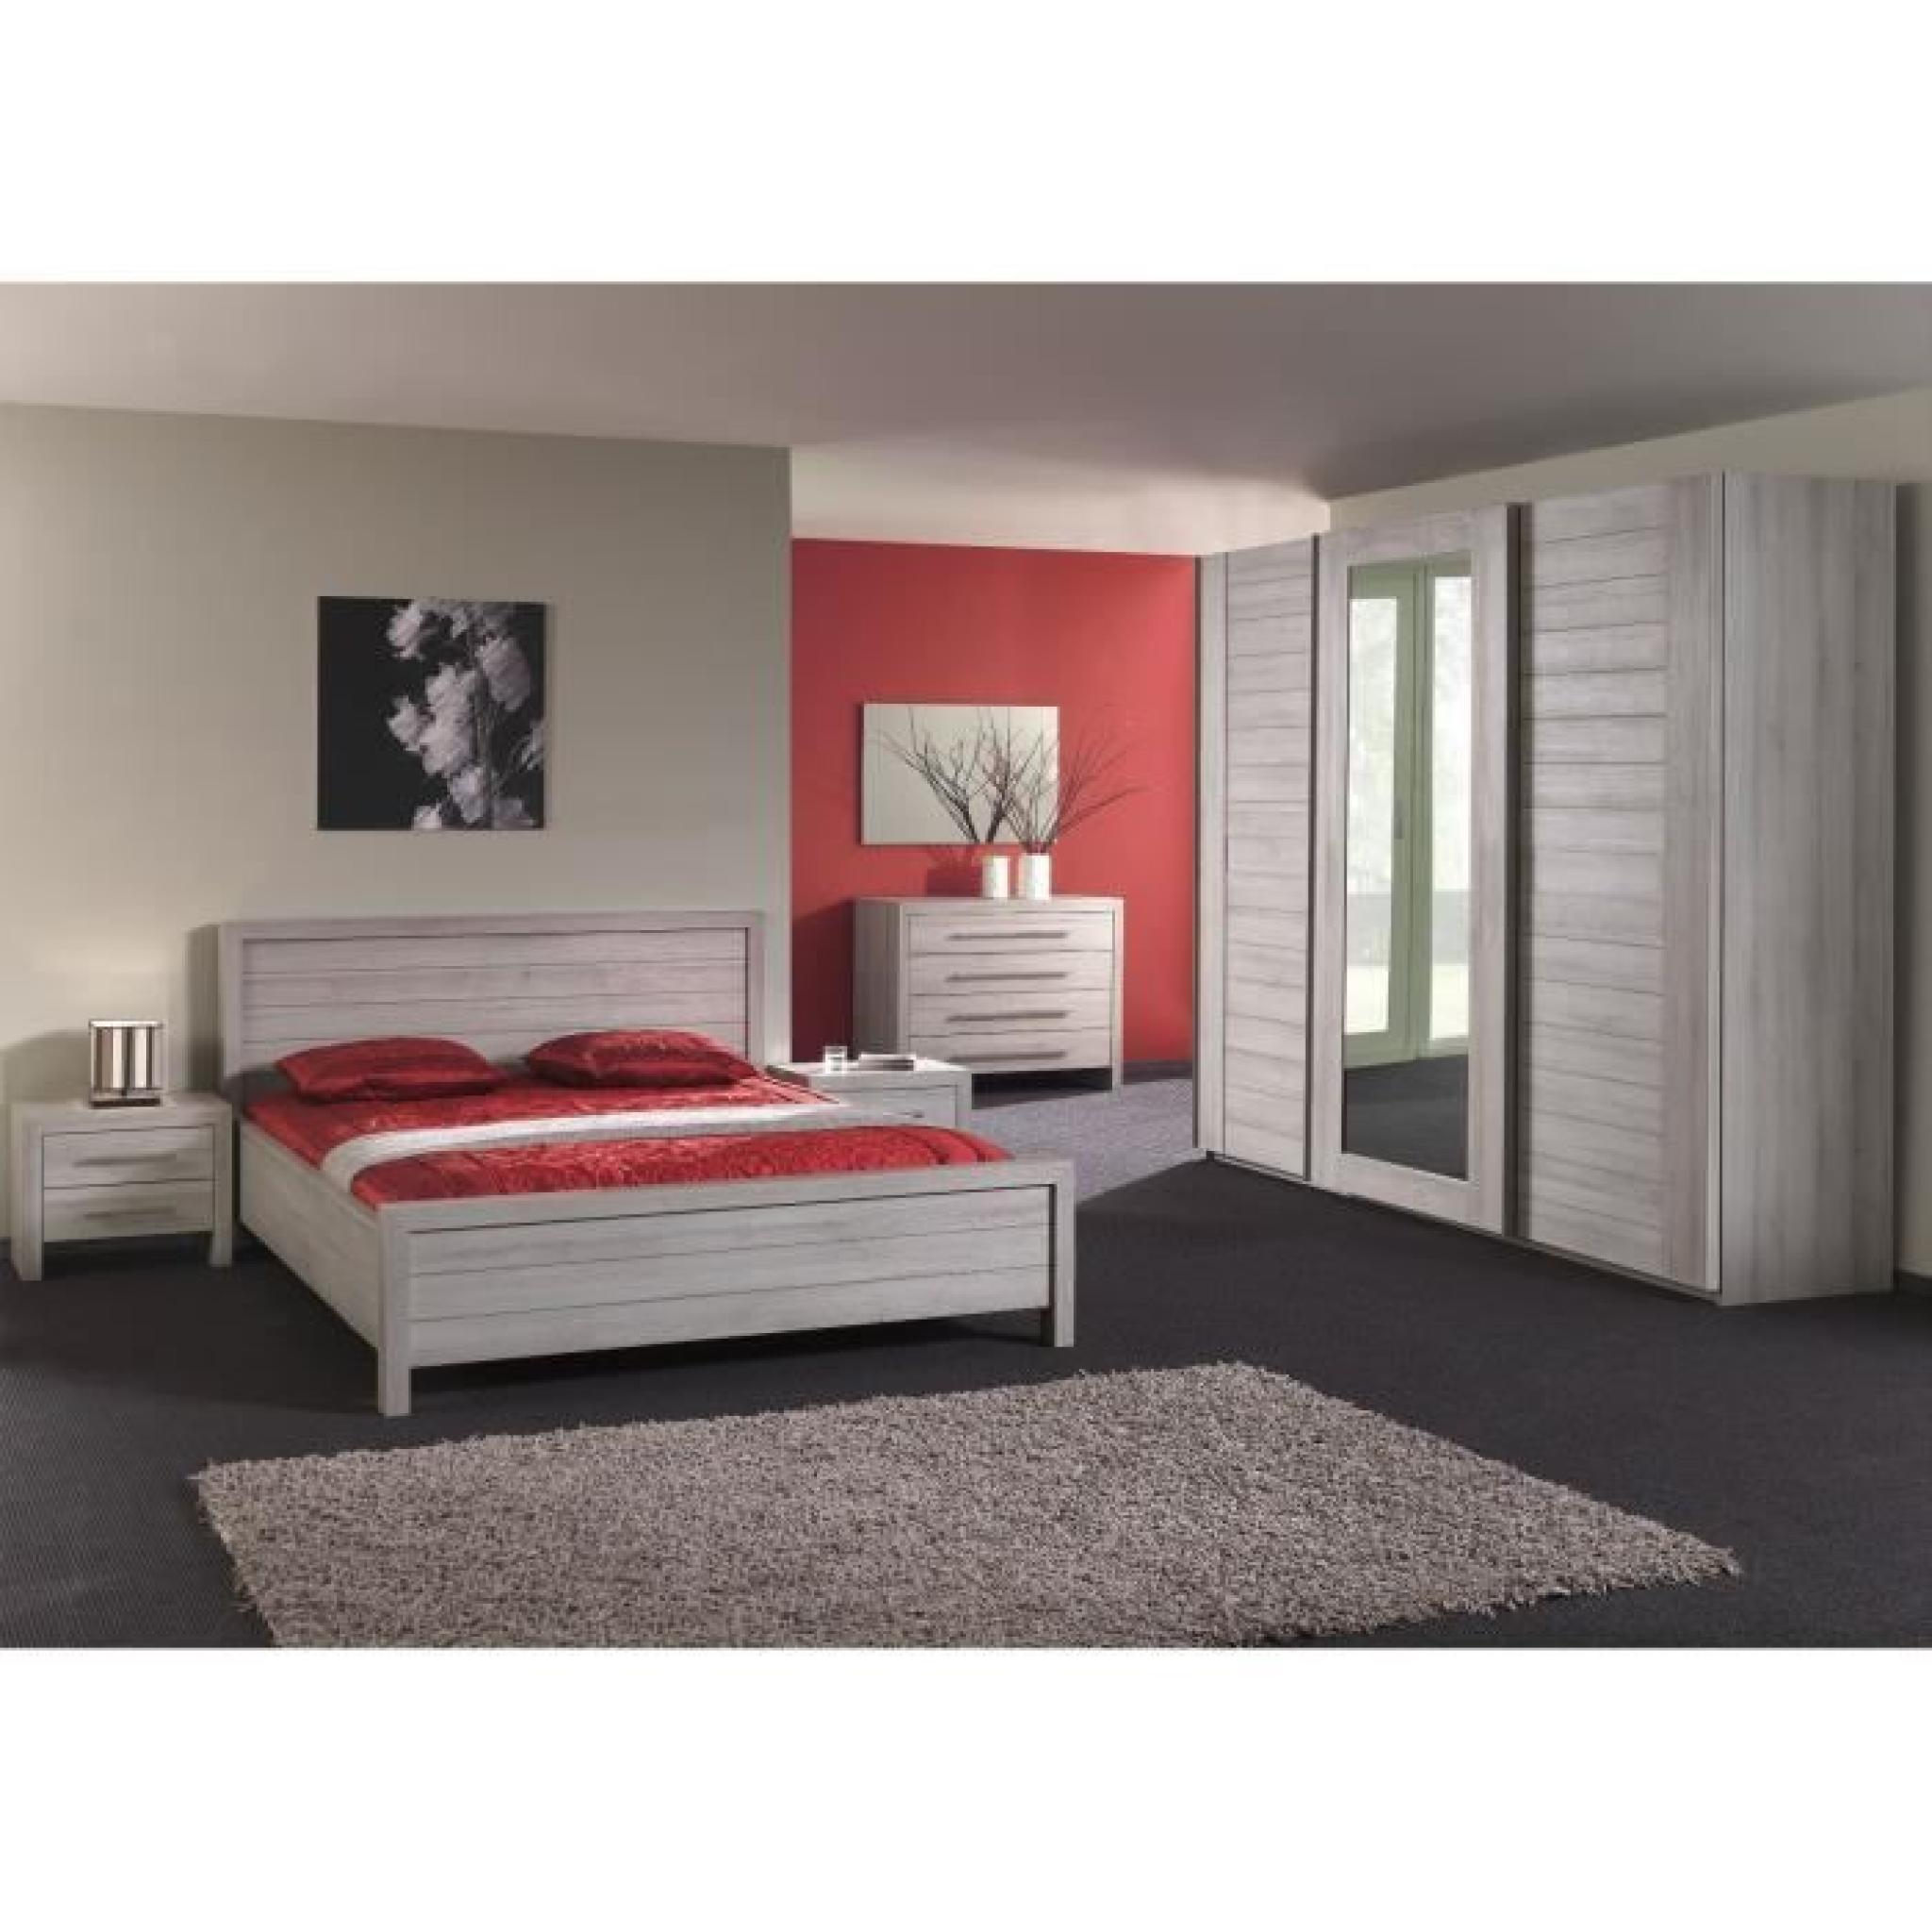 Armoire adulte 280 cm coloris ch ne gris achat vente armoire de chambre pas - Armoire chambre adulte pas cher ...